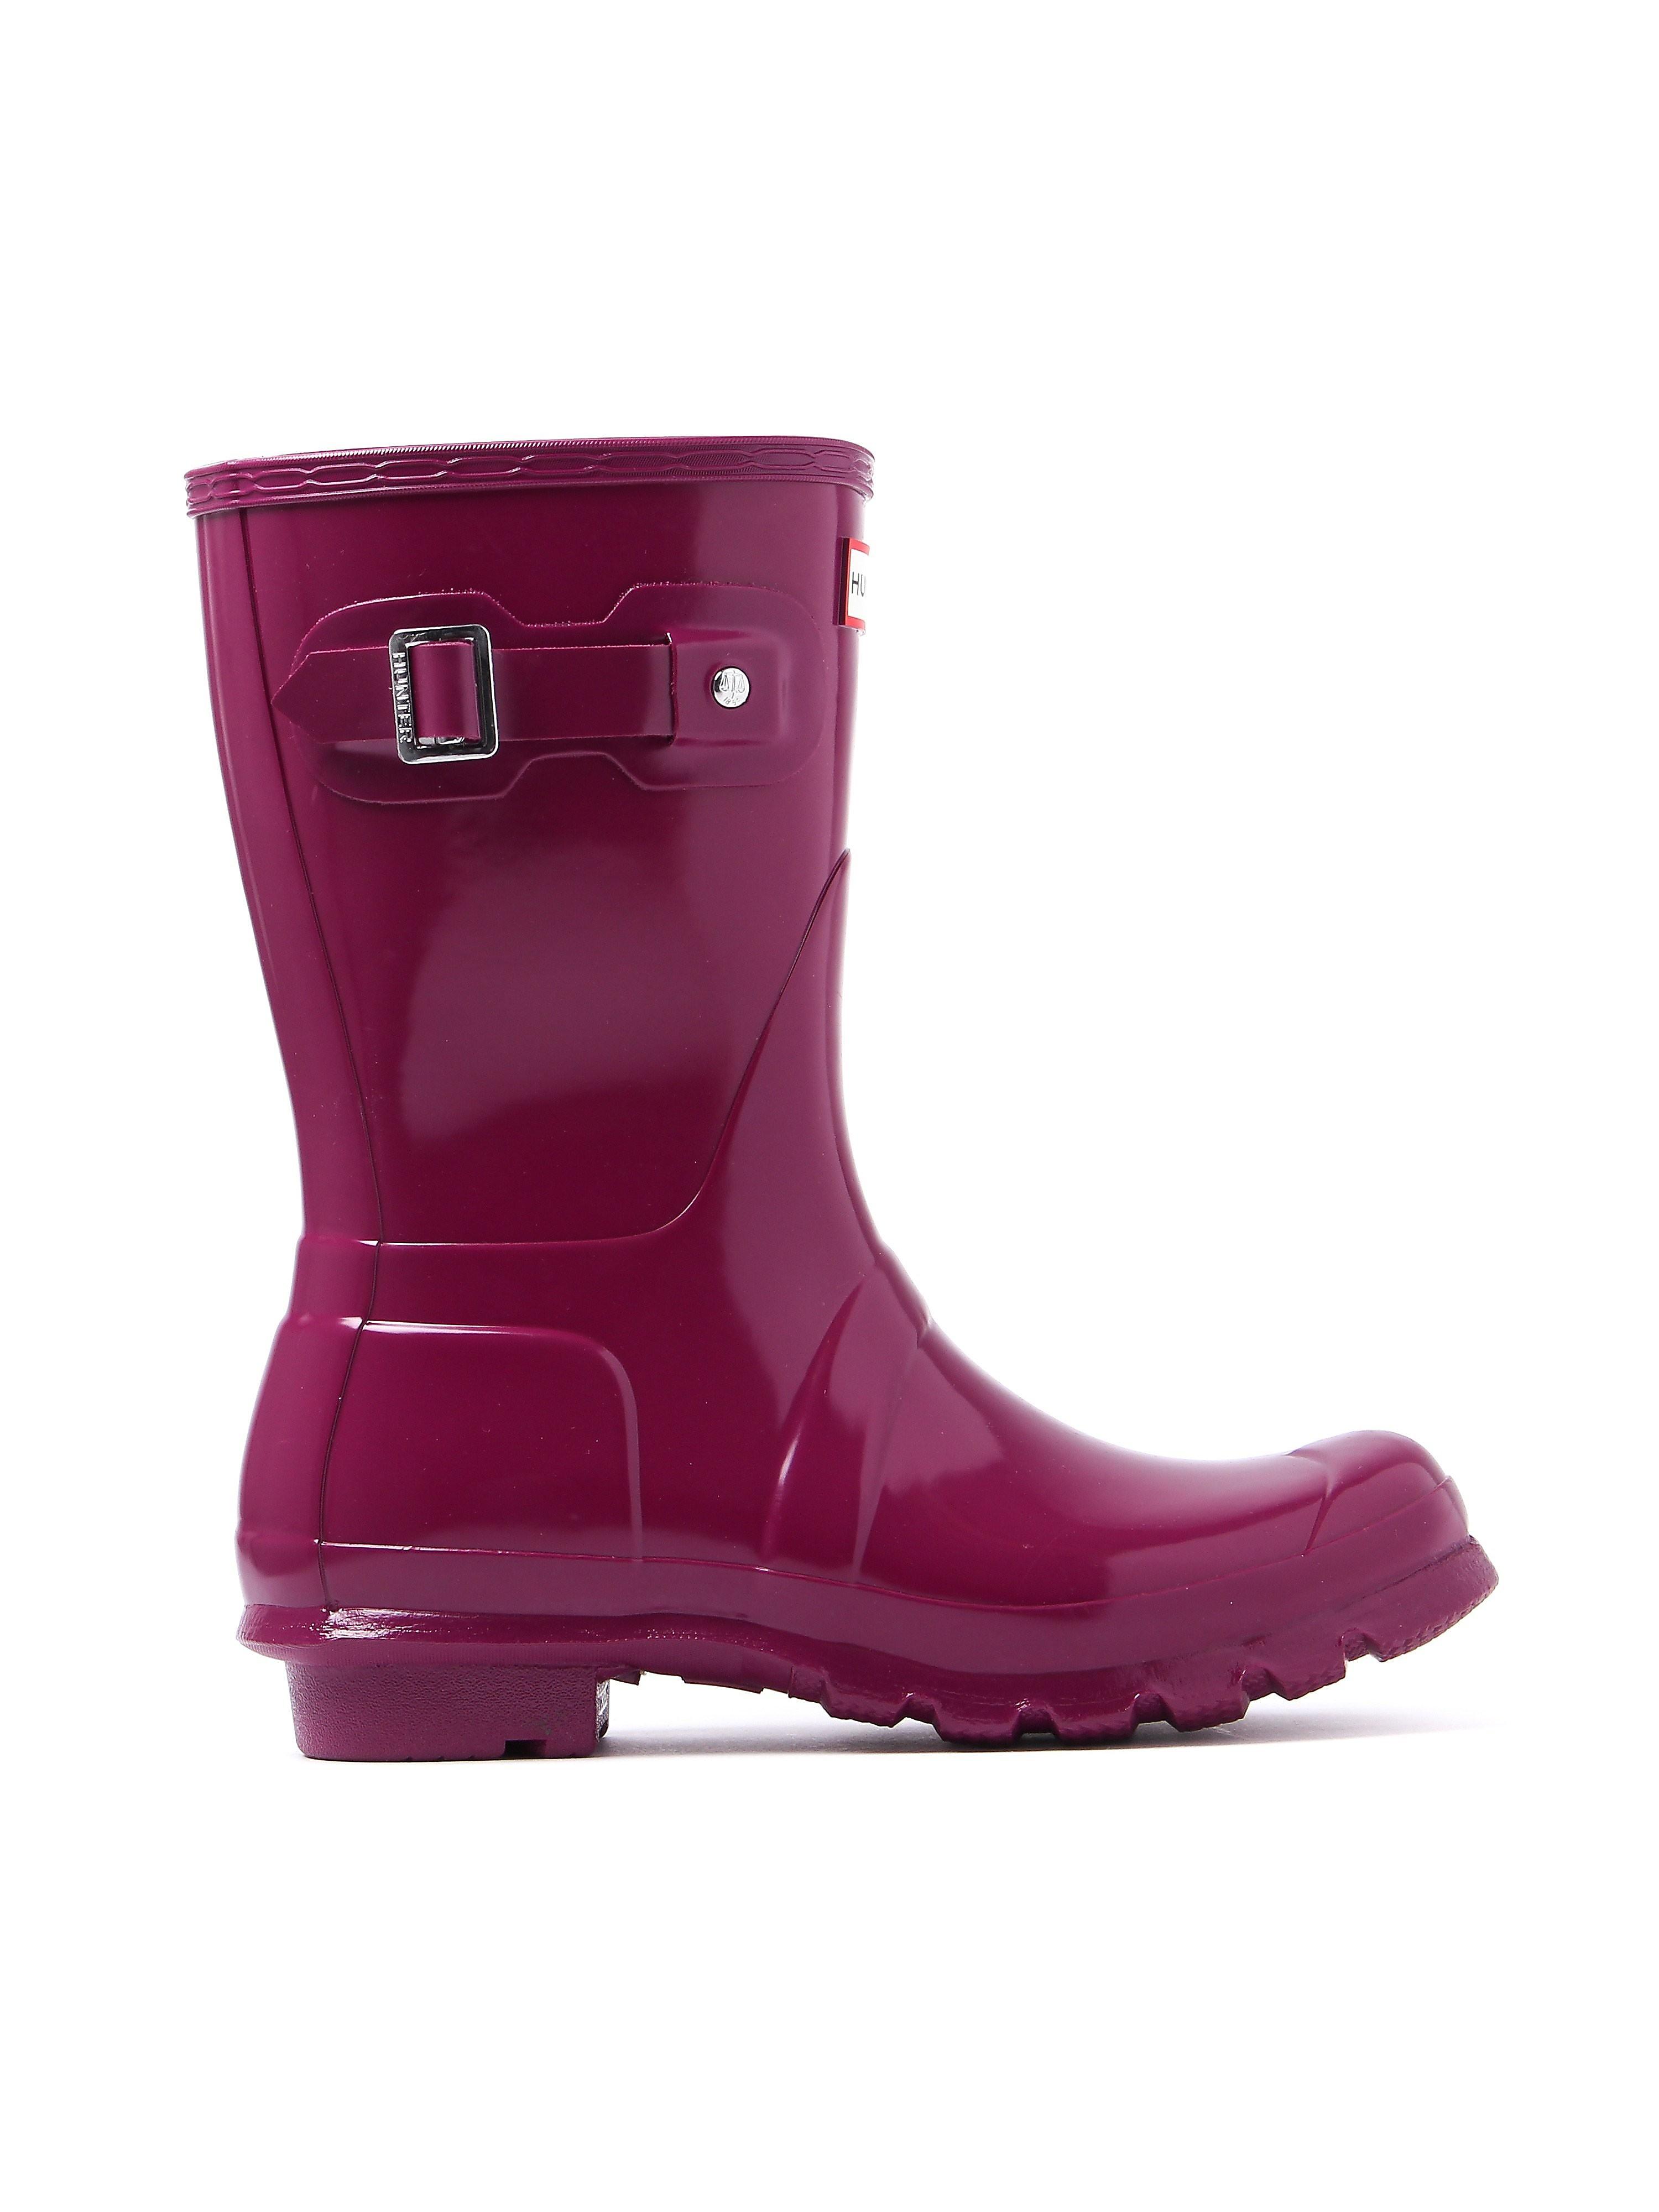 Hunter Wellies Women's Original Short Wellington Boots - Violet Gloss